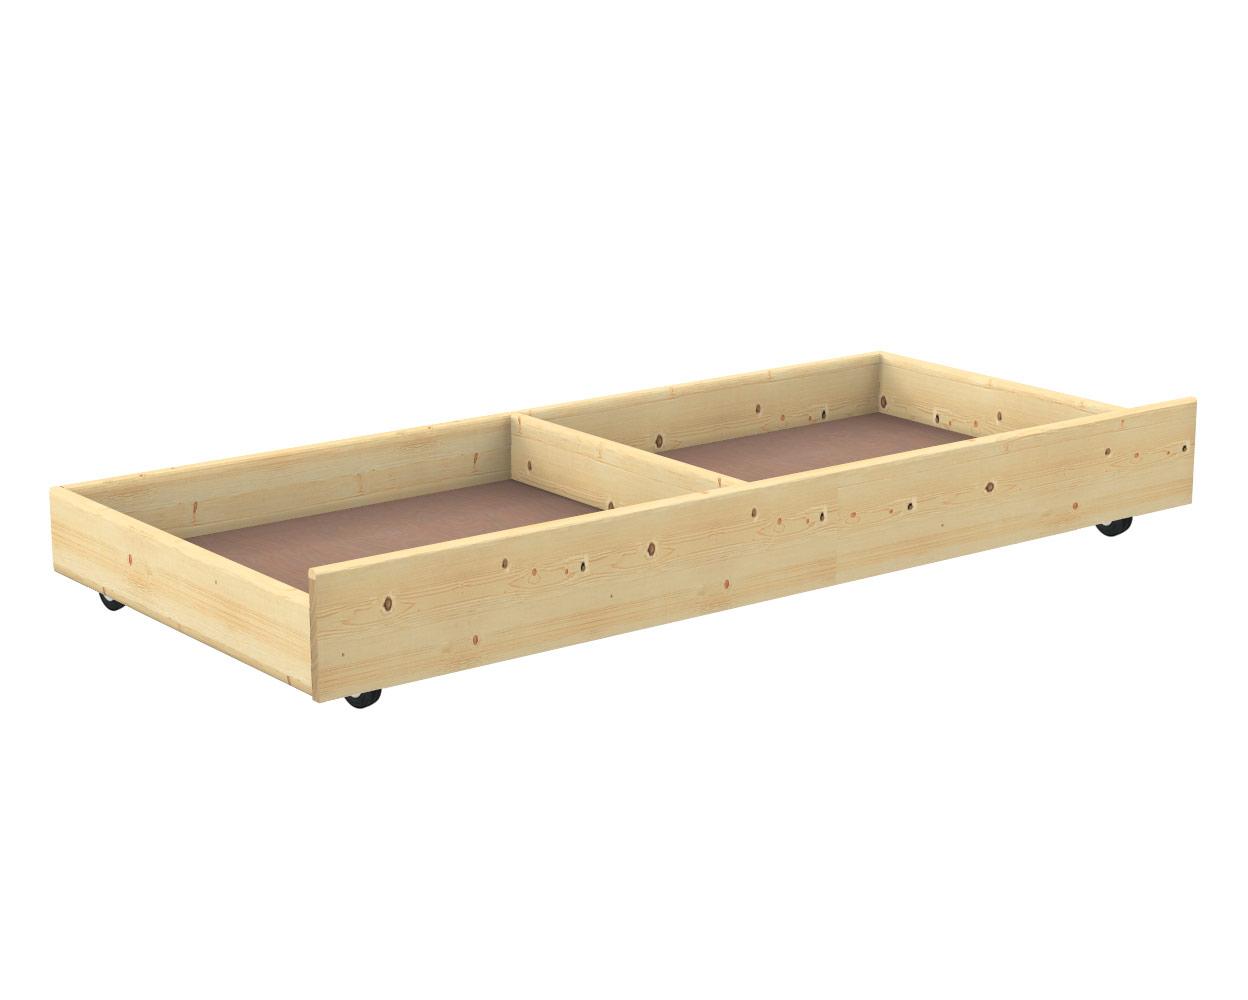 Cassetto Sotto Letto Con Ruote : Cassetto contenitore sotto letto in abete negozio online